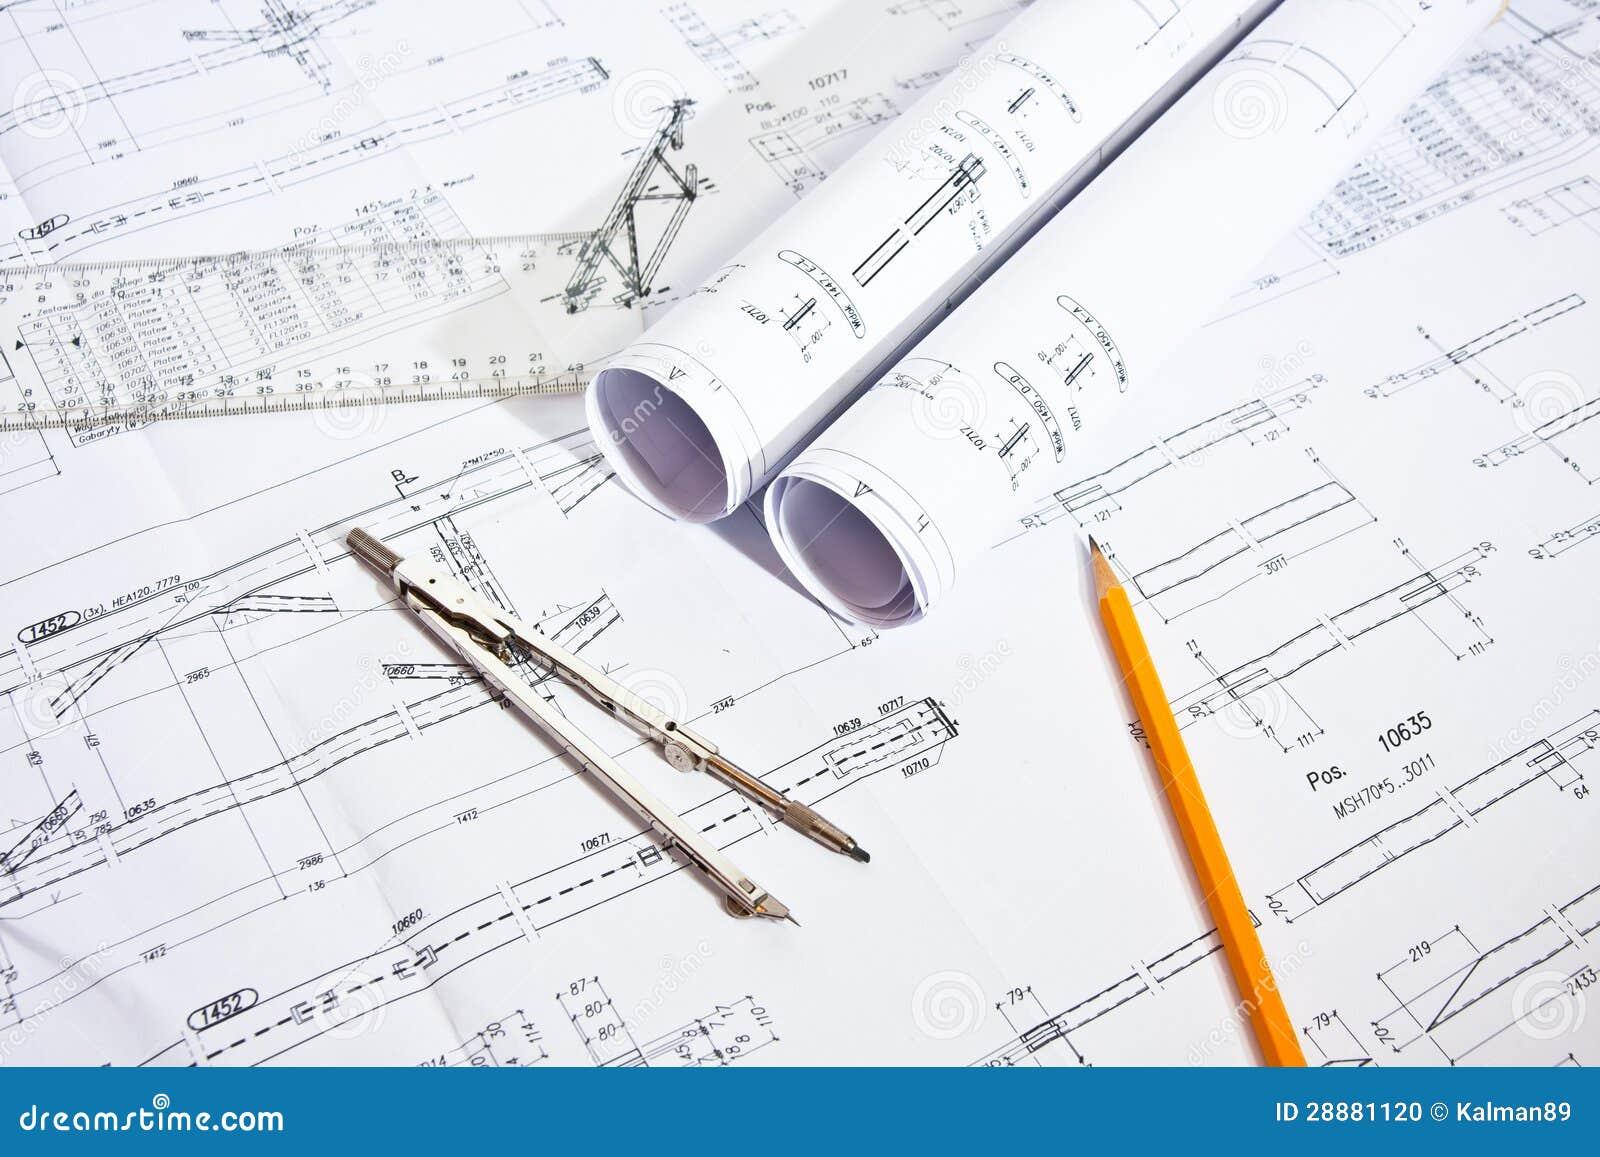 Engineer work space